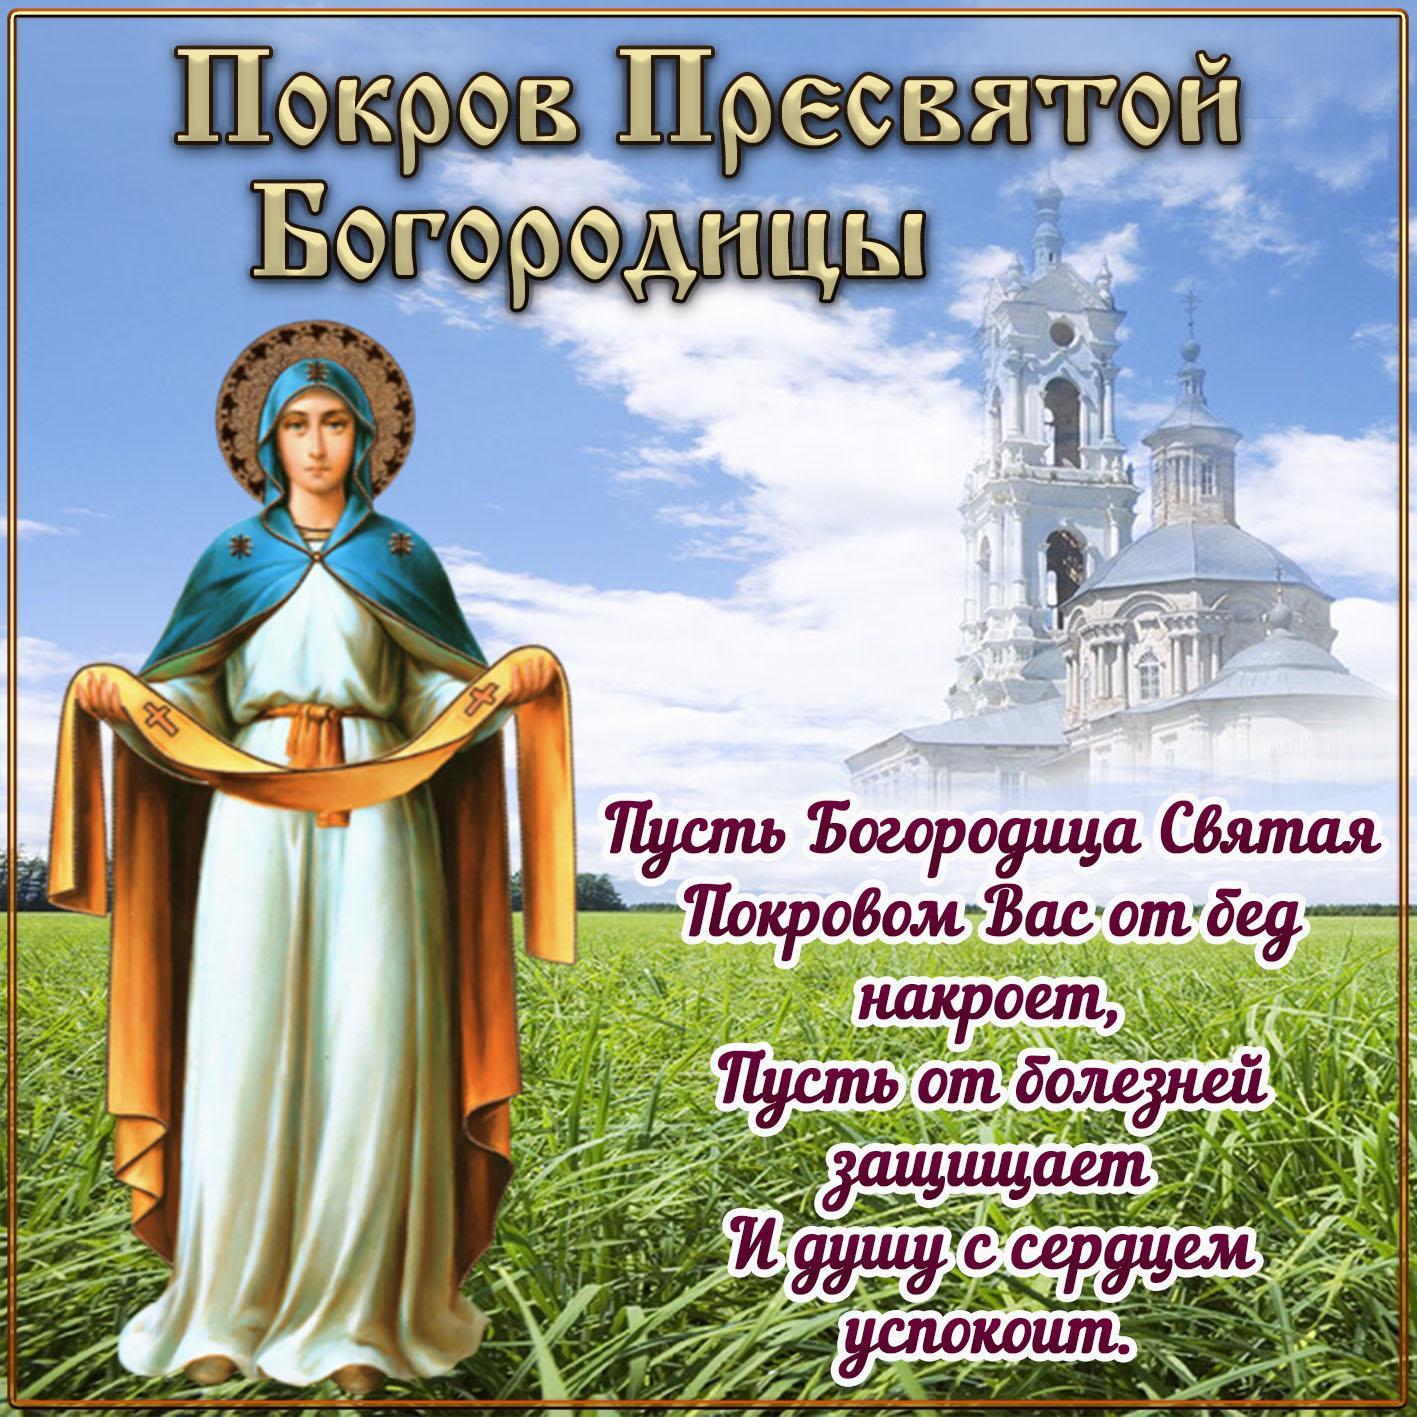 Фото Открытки на Покров день: красивые поздравления с Покровом Пресвятой Богородицы 14 октября 2021 года 12